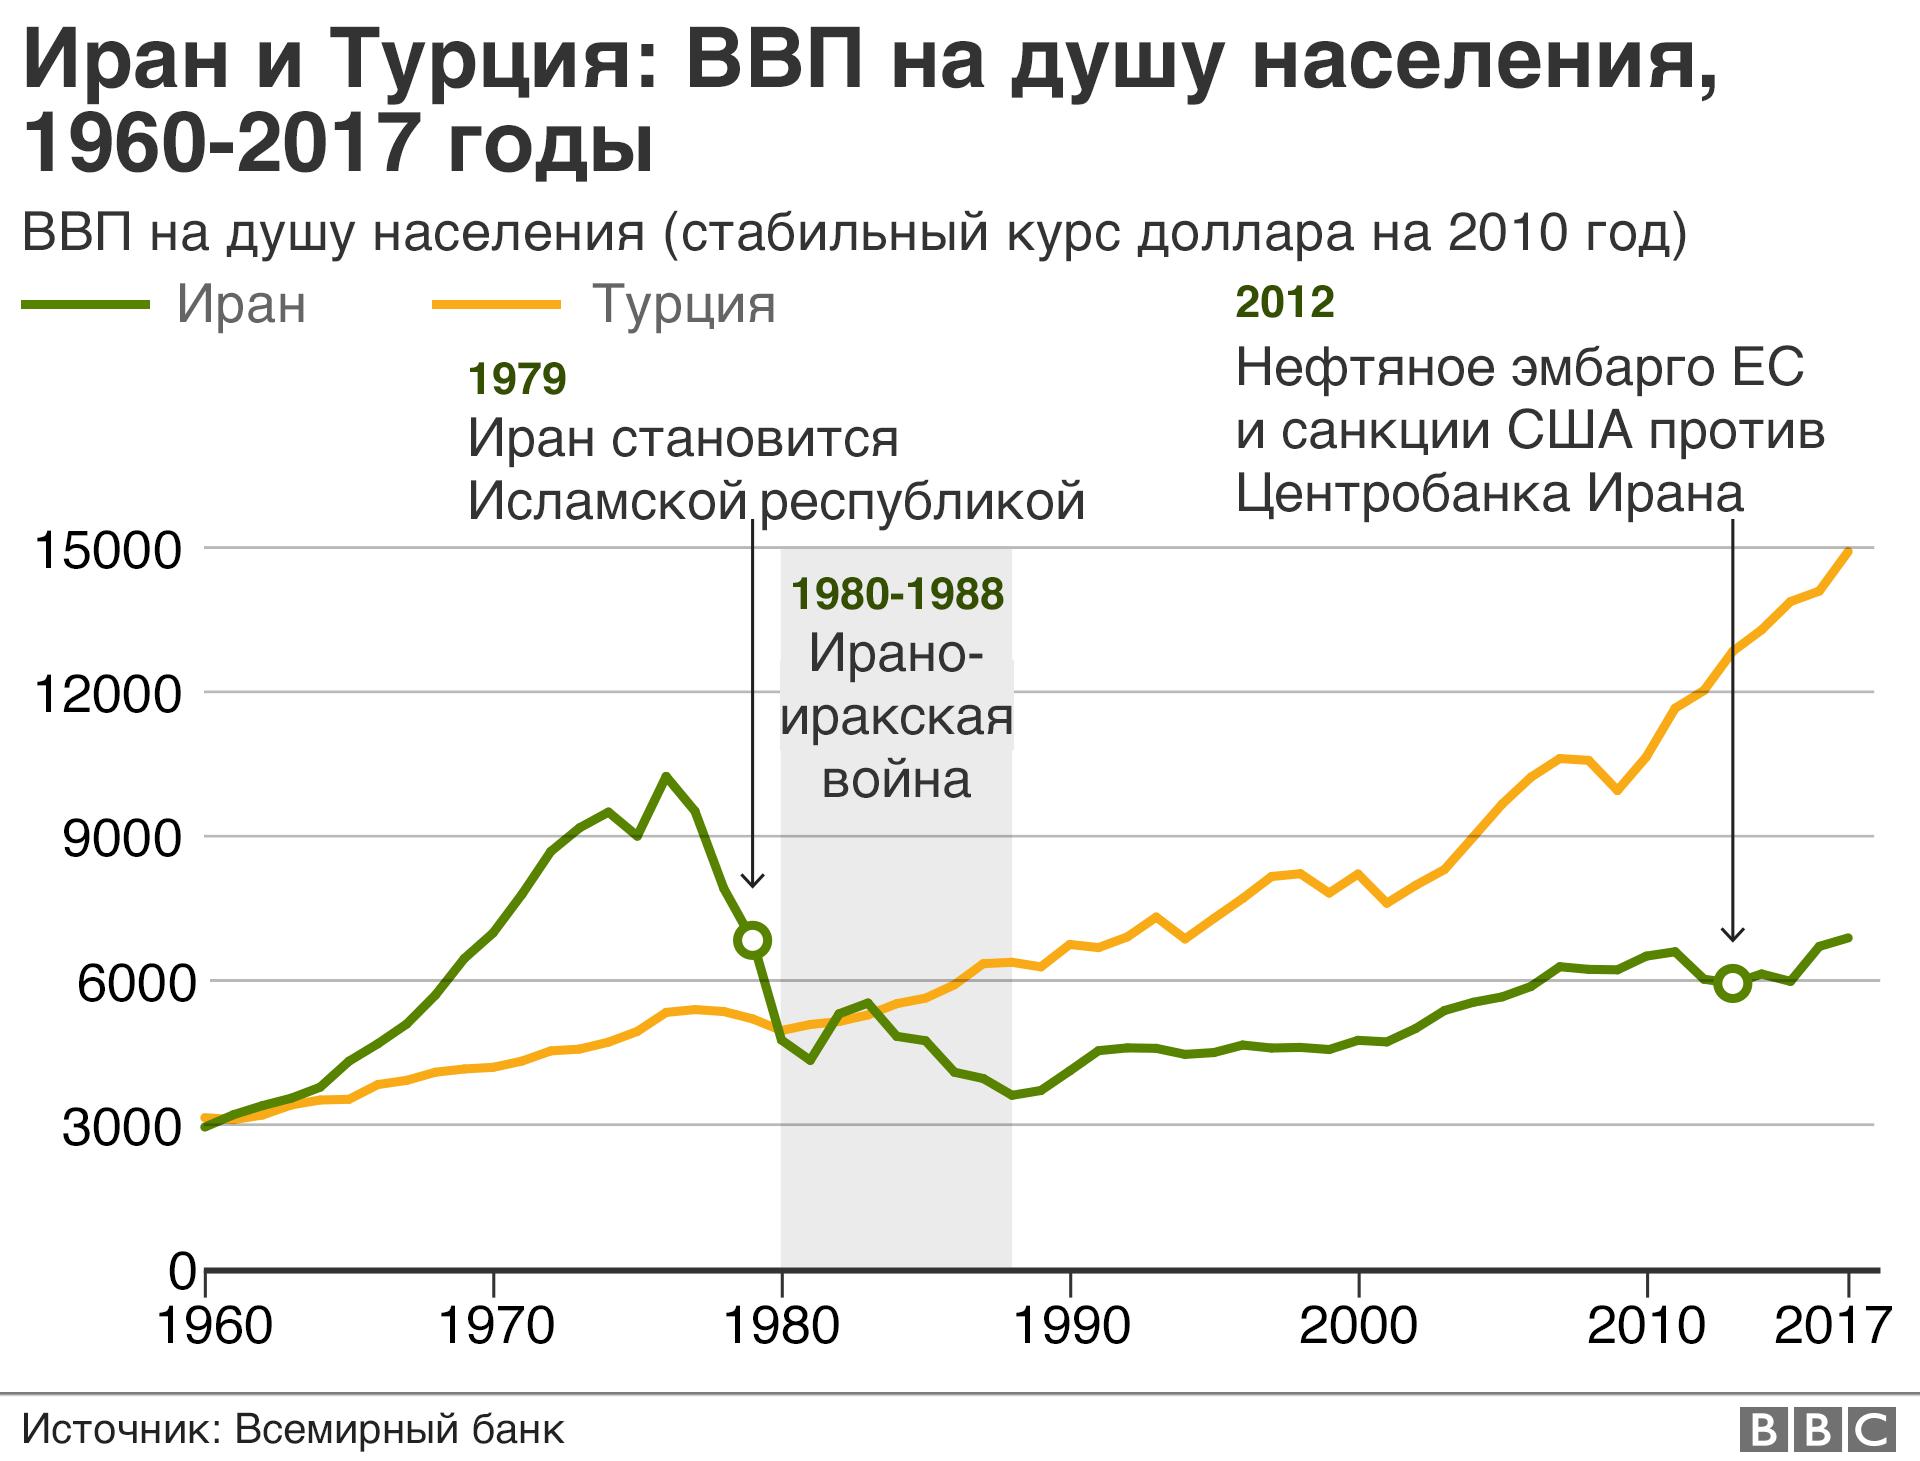 Чем современная Беларусь похожа на Иран 1970-х и Ливию 2000-х? Ловушка плохой